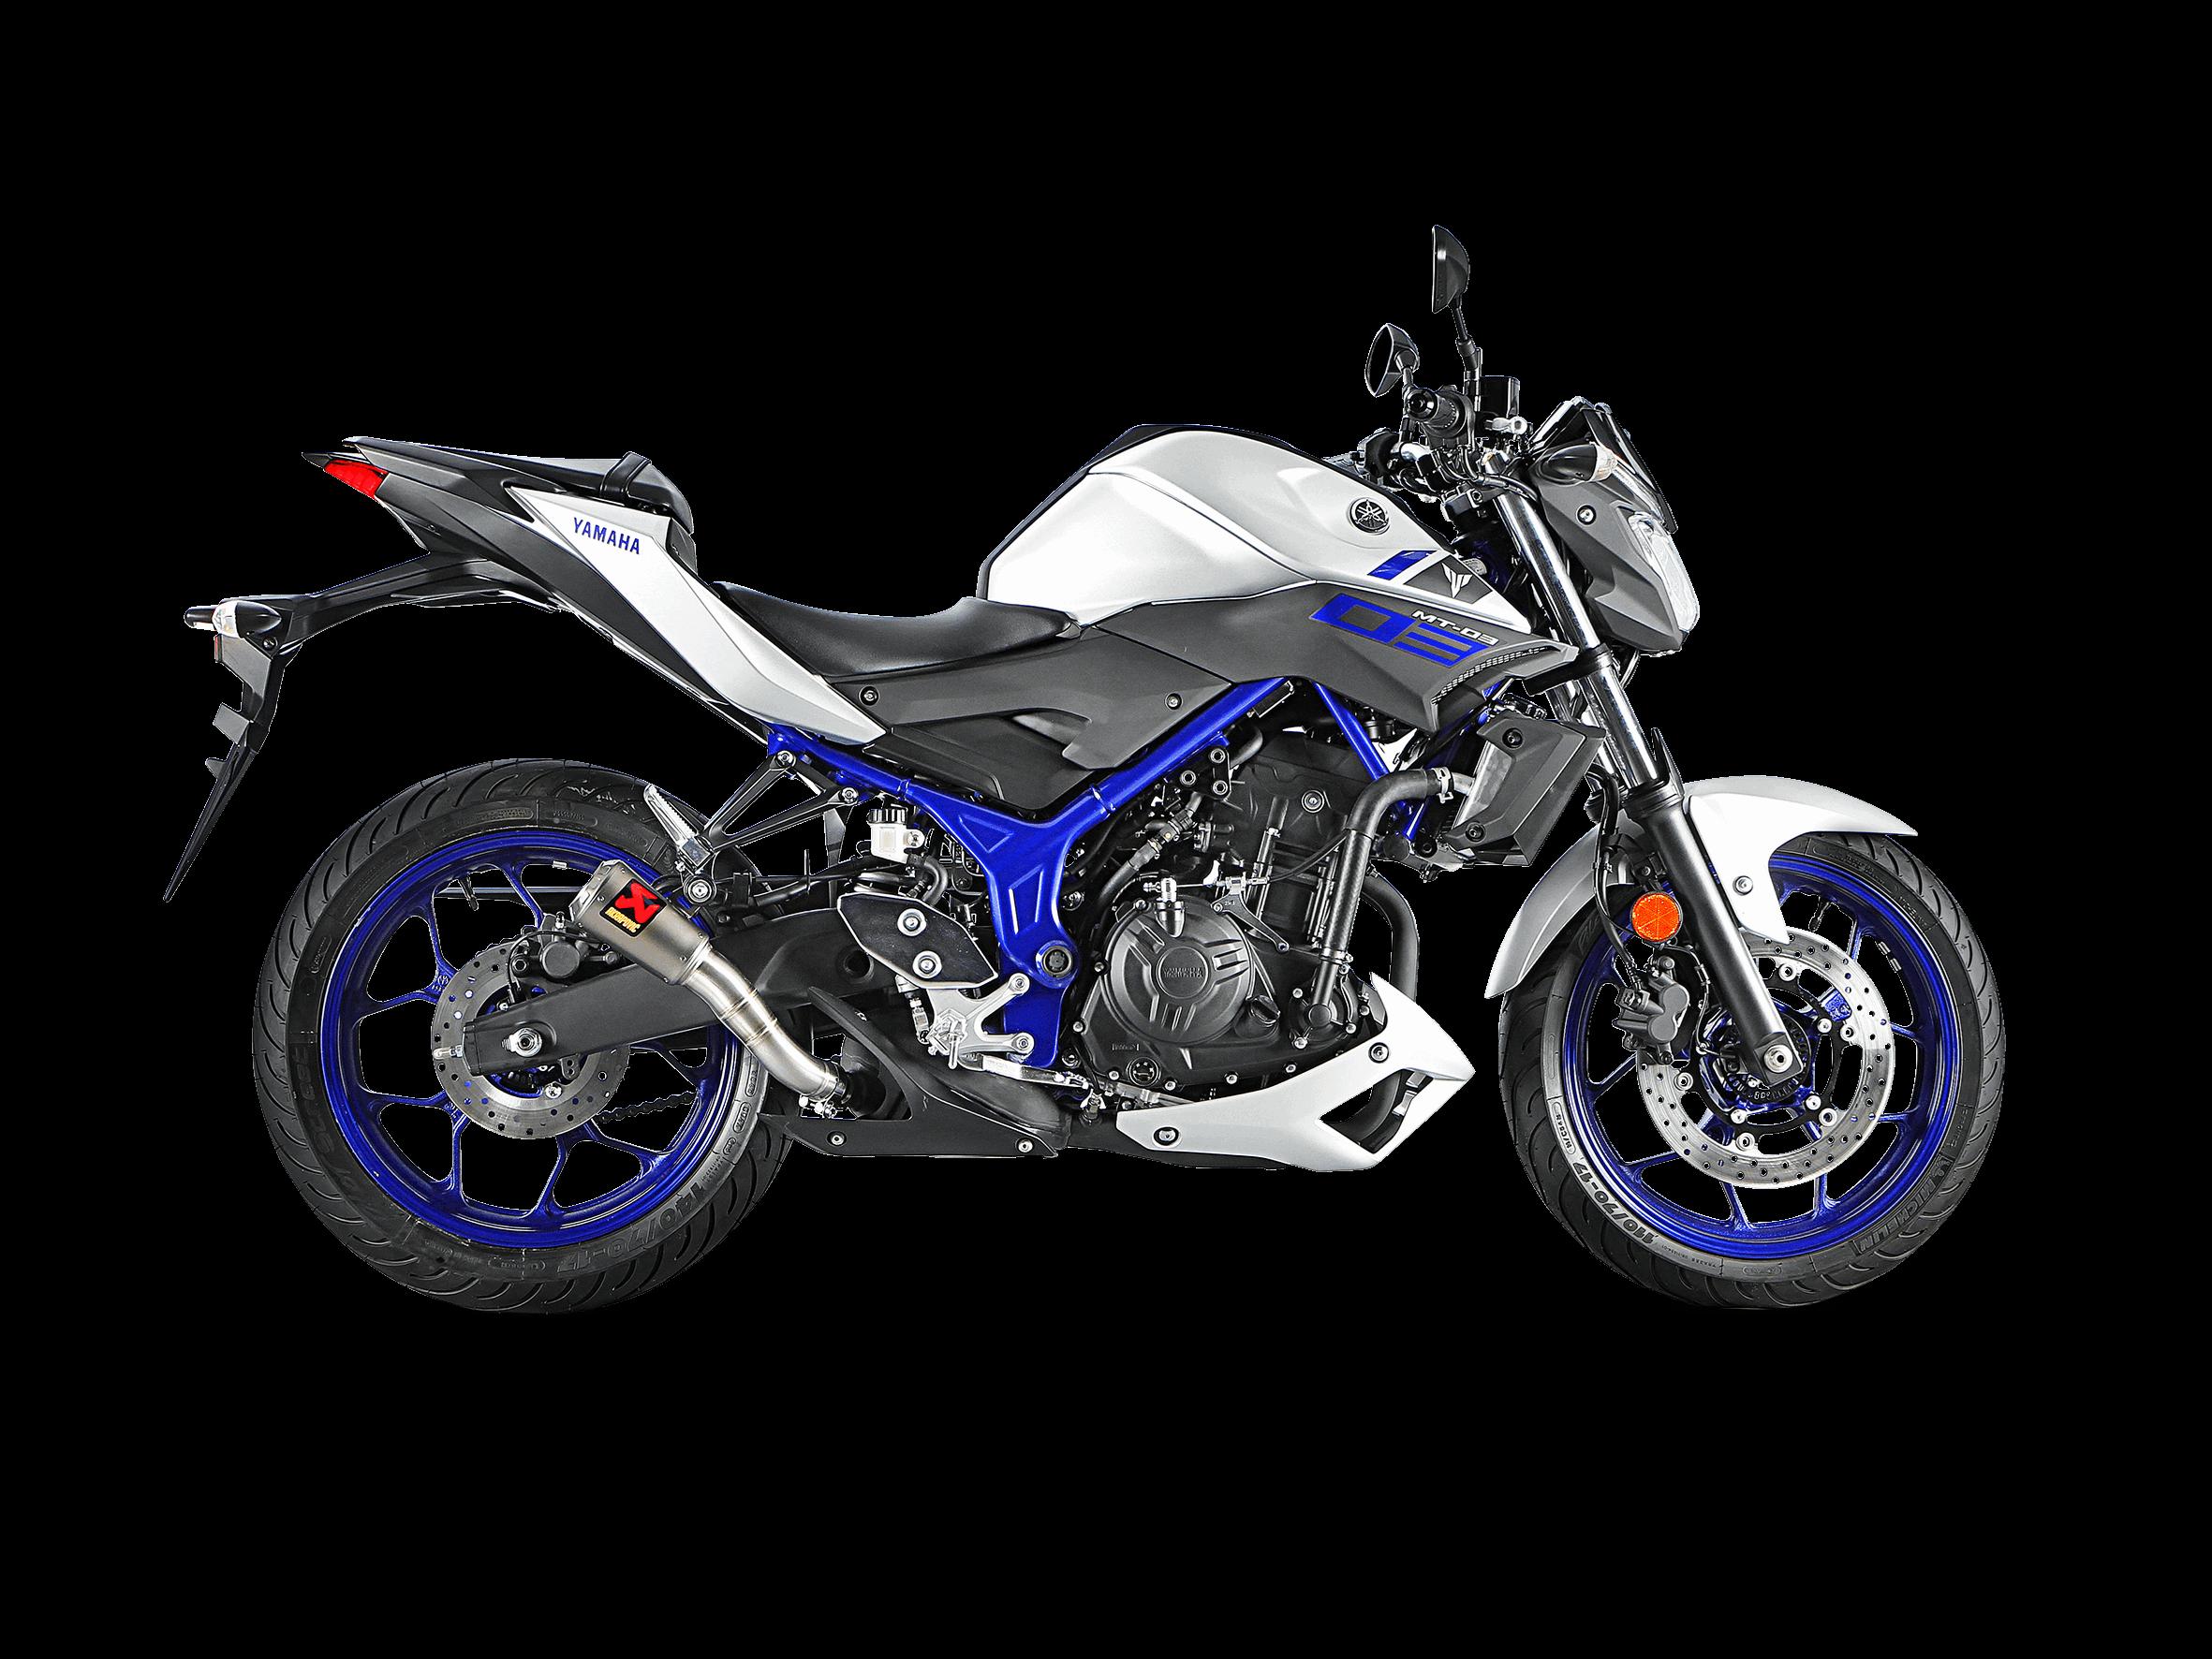 Yamaha MT 03/BJ 2016/ /17/kuehlerabdeckung protezione acqua di raffreddamento griglia griglia griglia radiatore di raffreddamento Protezione raffreddamento travestimento Black Logo Nero